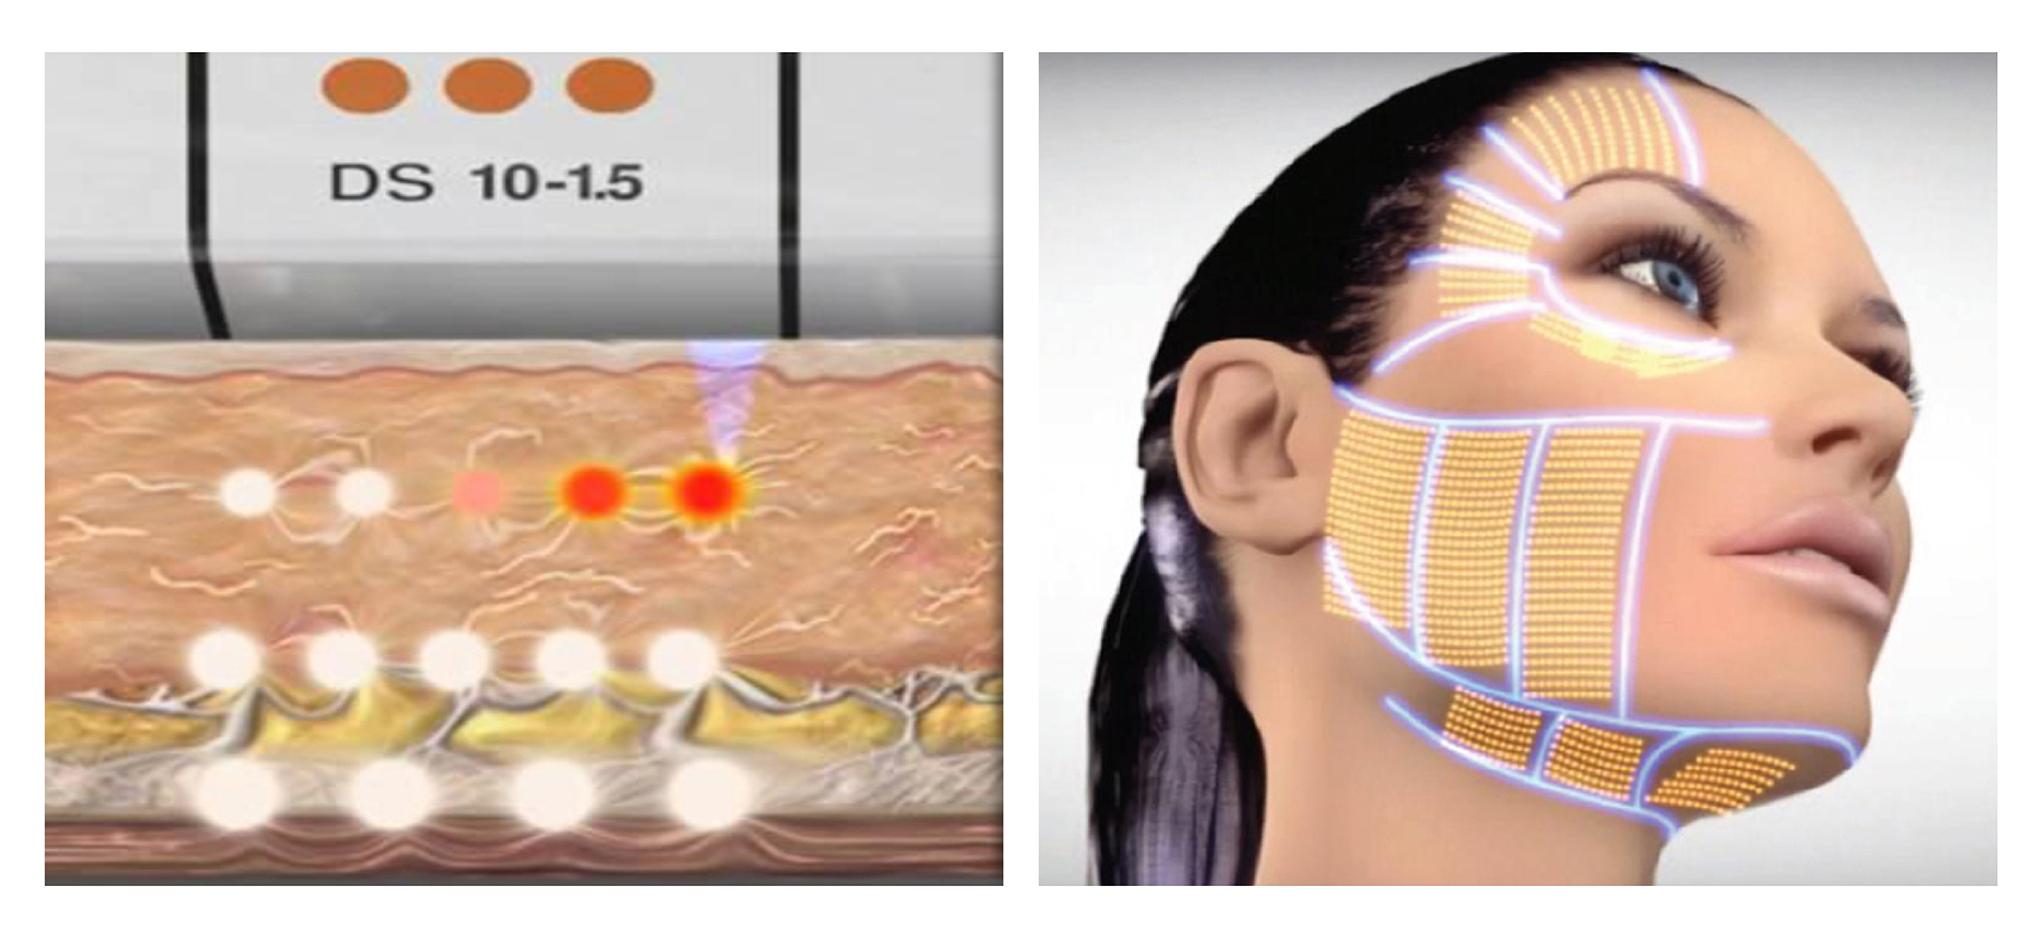 當高能量作用於深層皮膚後,立即會產生熱效應。